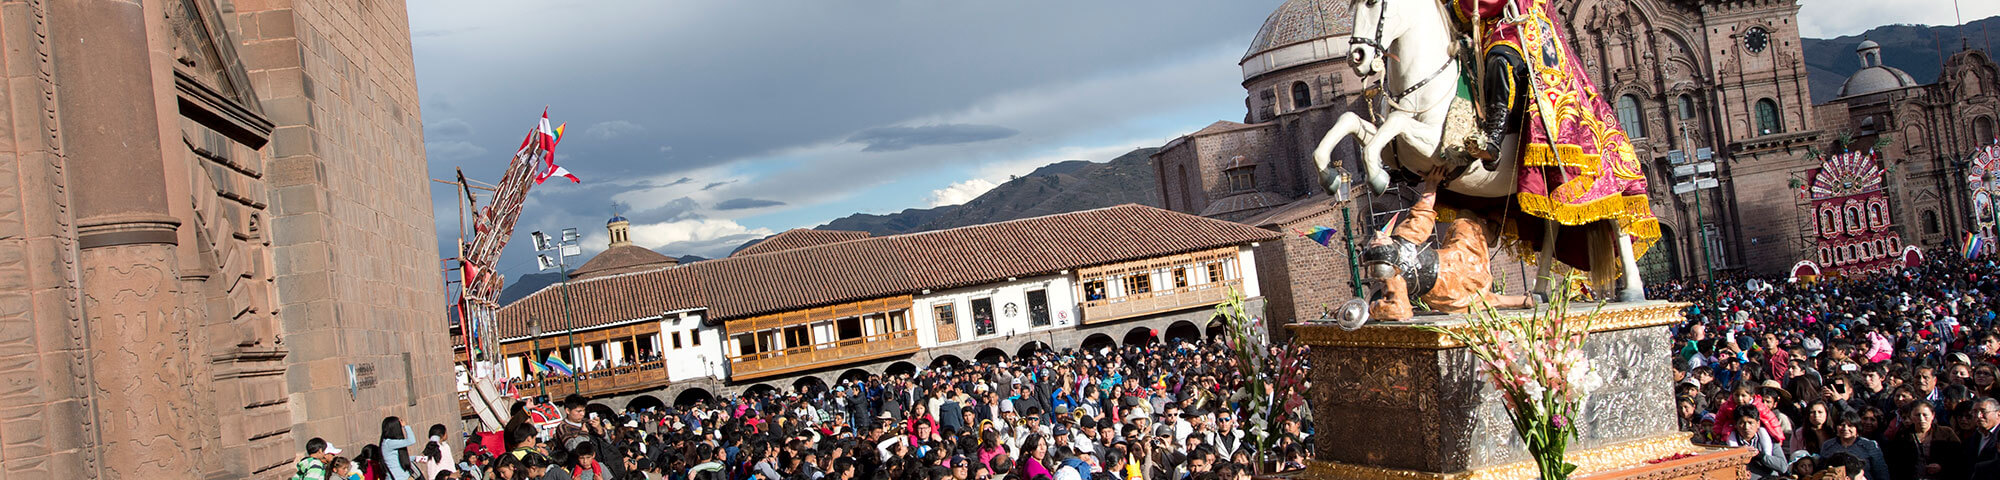 Parroquia de Santiago Apóstol - Urcos